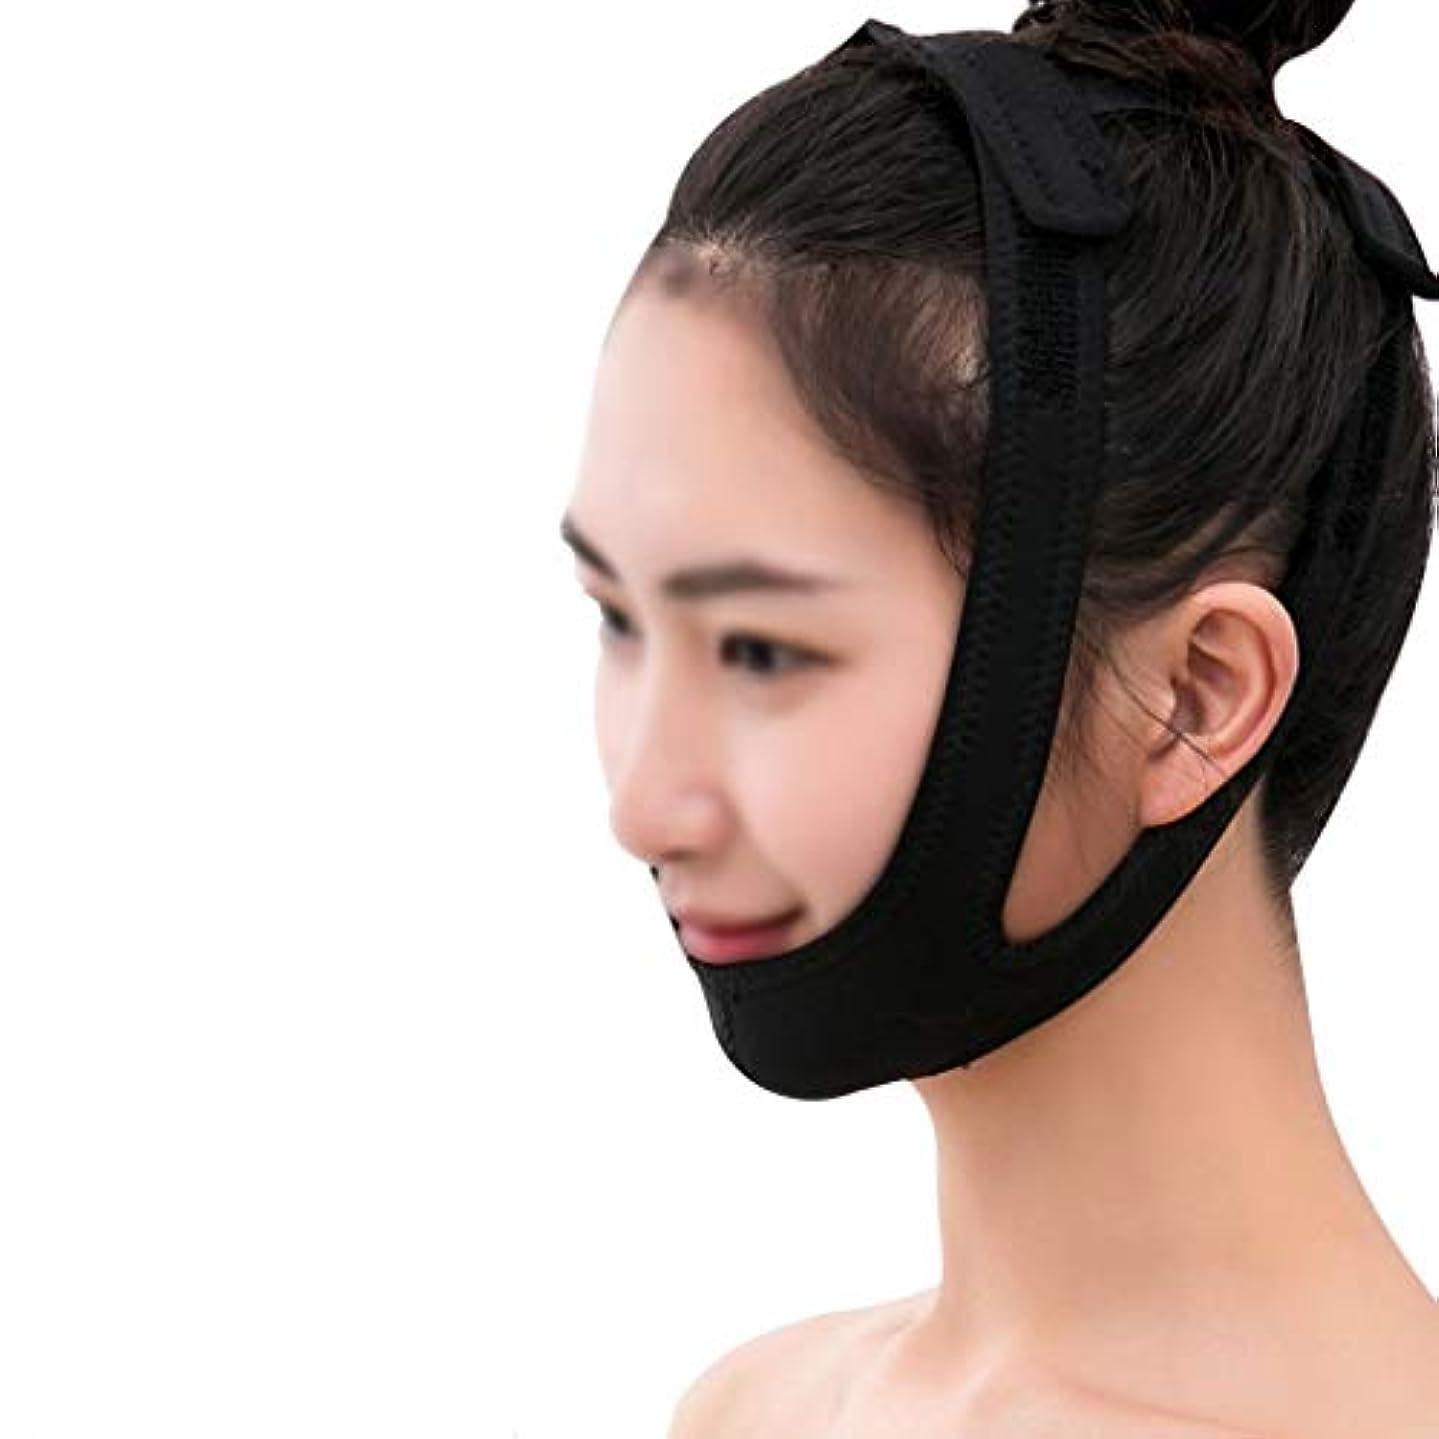 健康建築家熱心なXHLMRMJ フェイシャルリフティングマスク、医療用ワイヤーカービングリカバリーヘッドギアVフェイス包帯ダブルチンフェイスリフトマスク